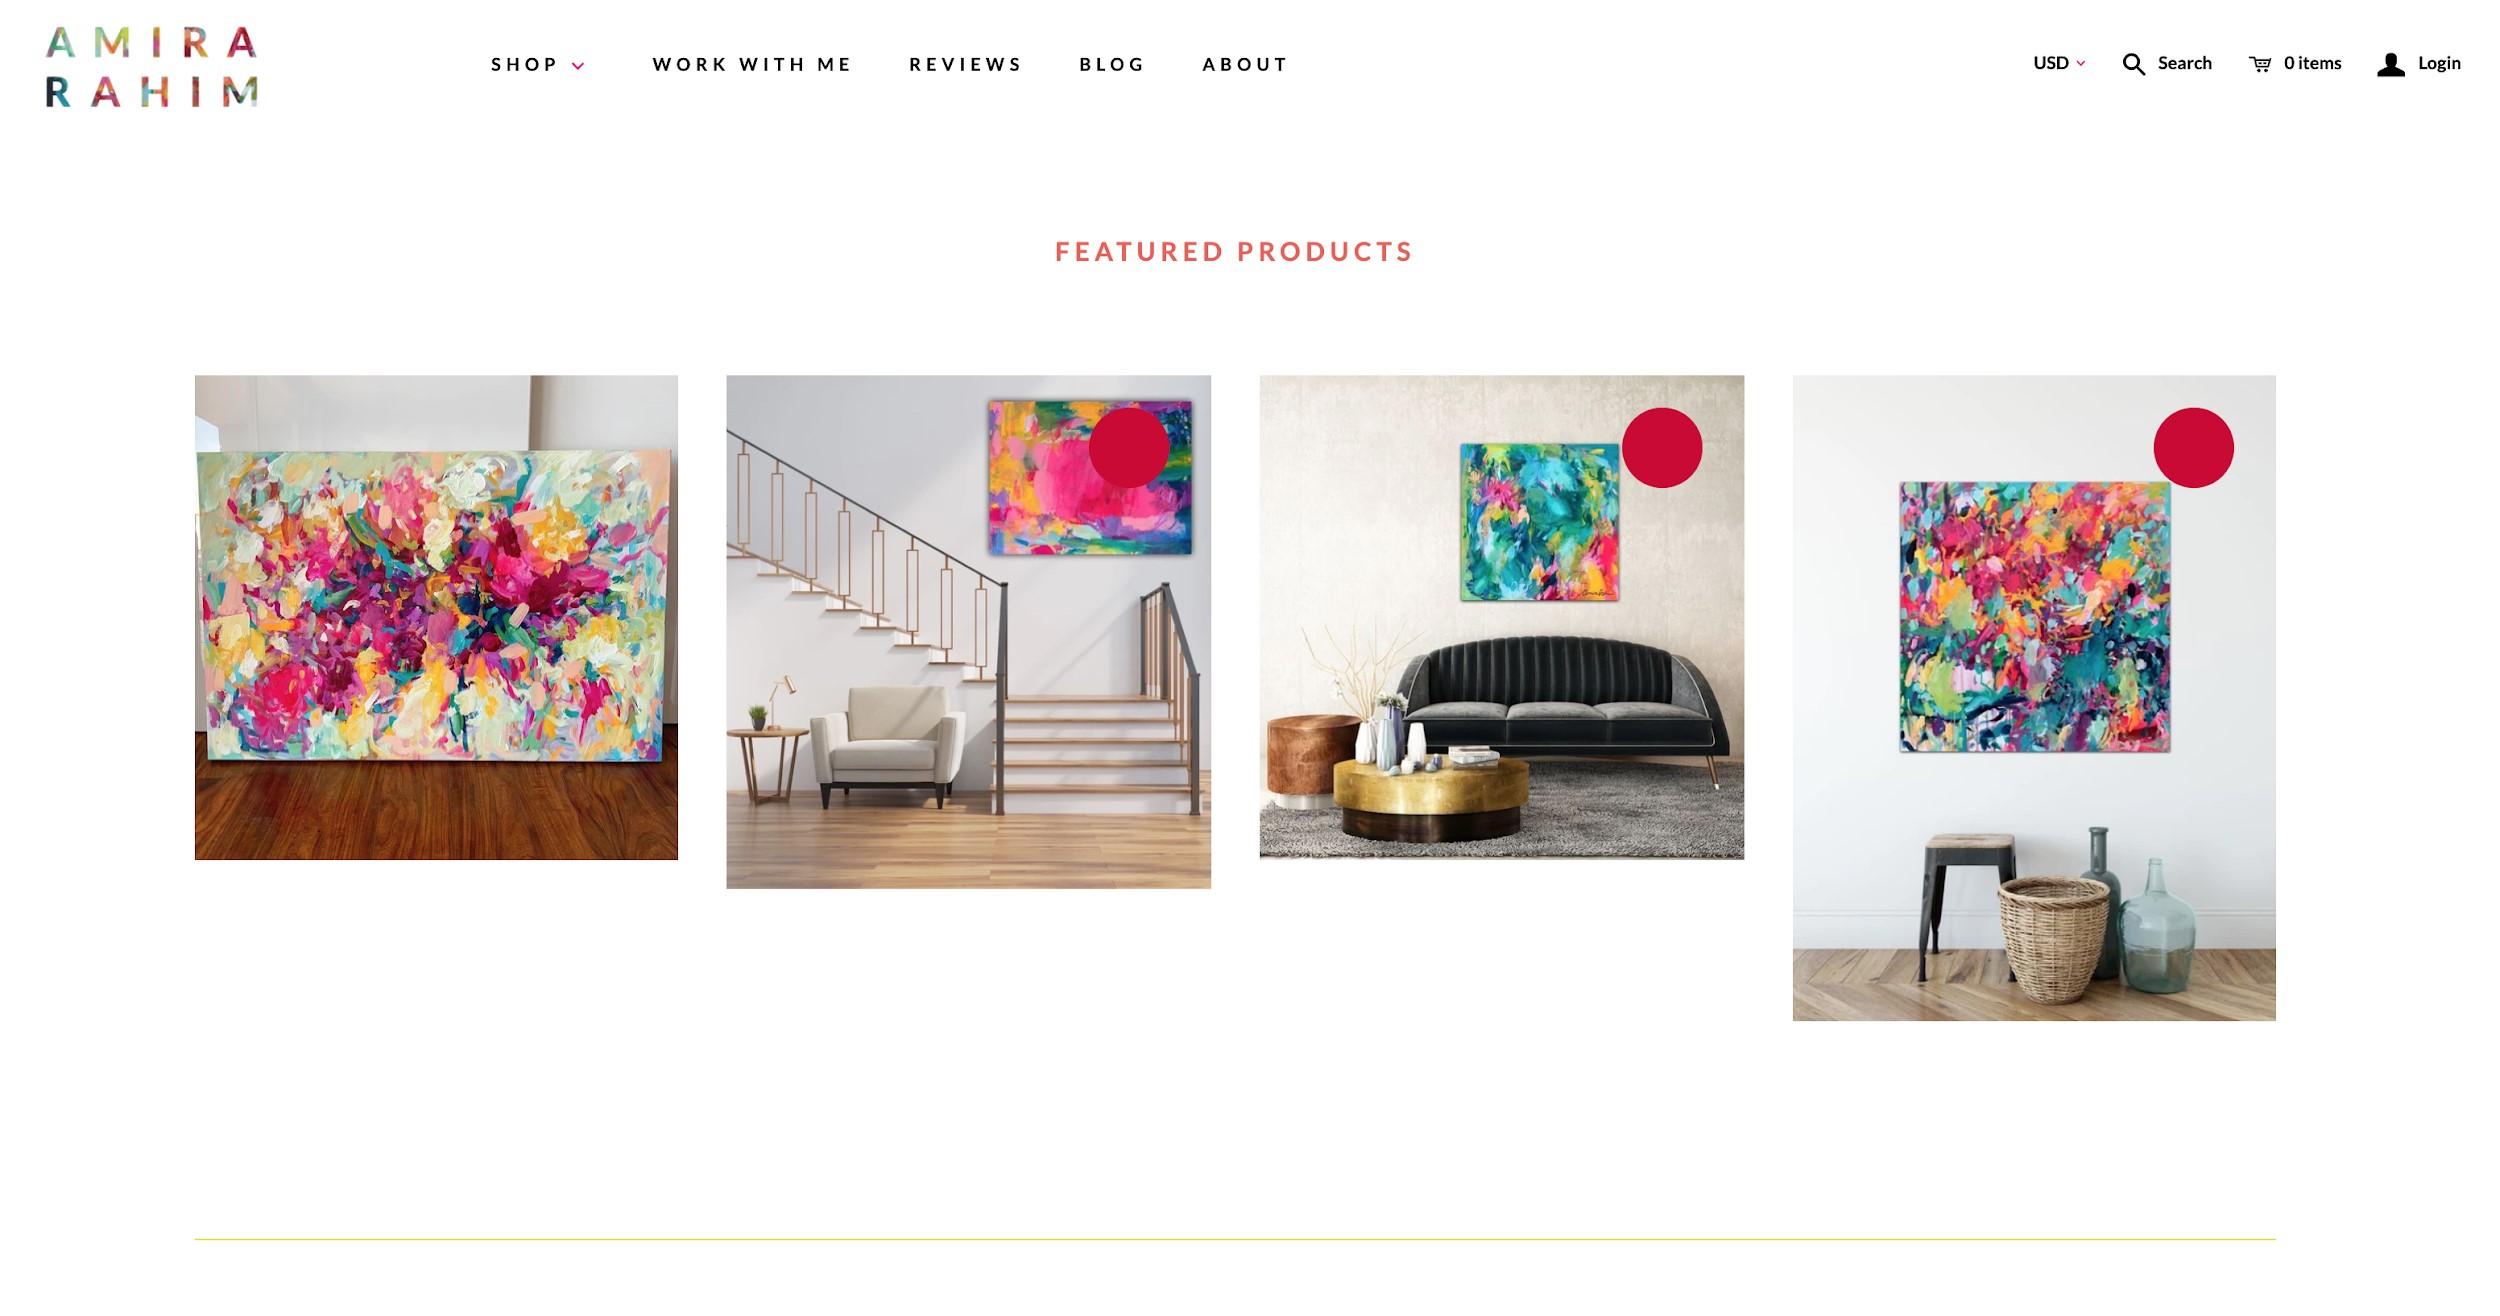 amira rahim best e commerce websites